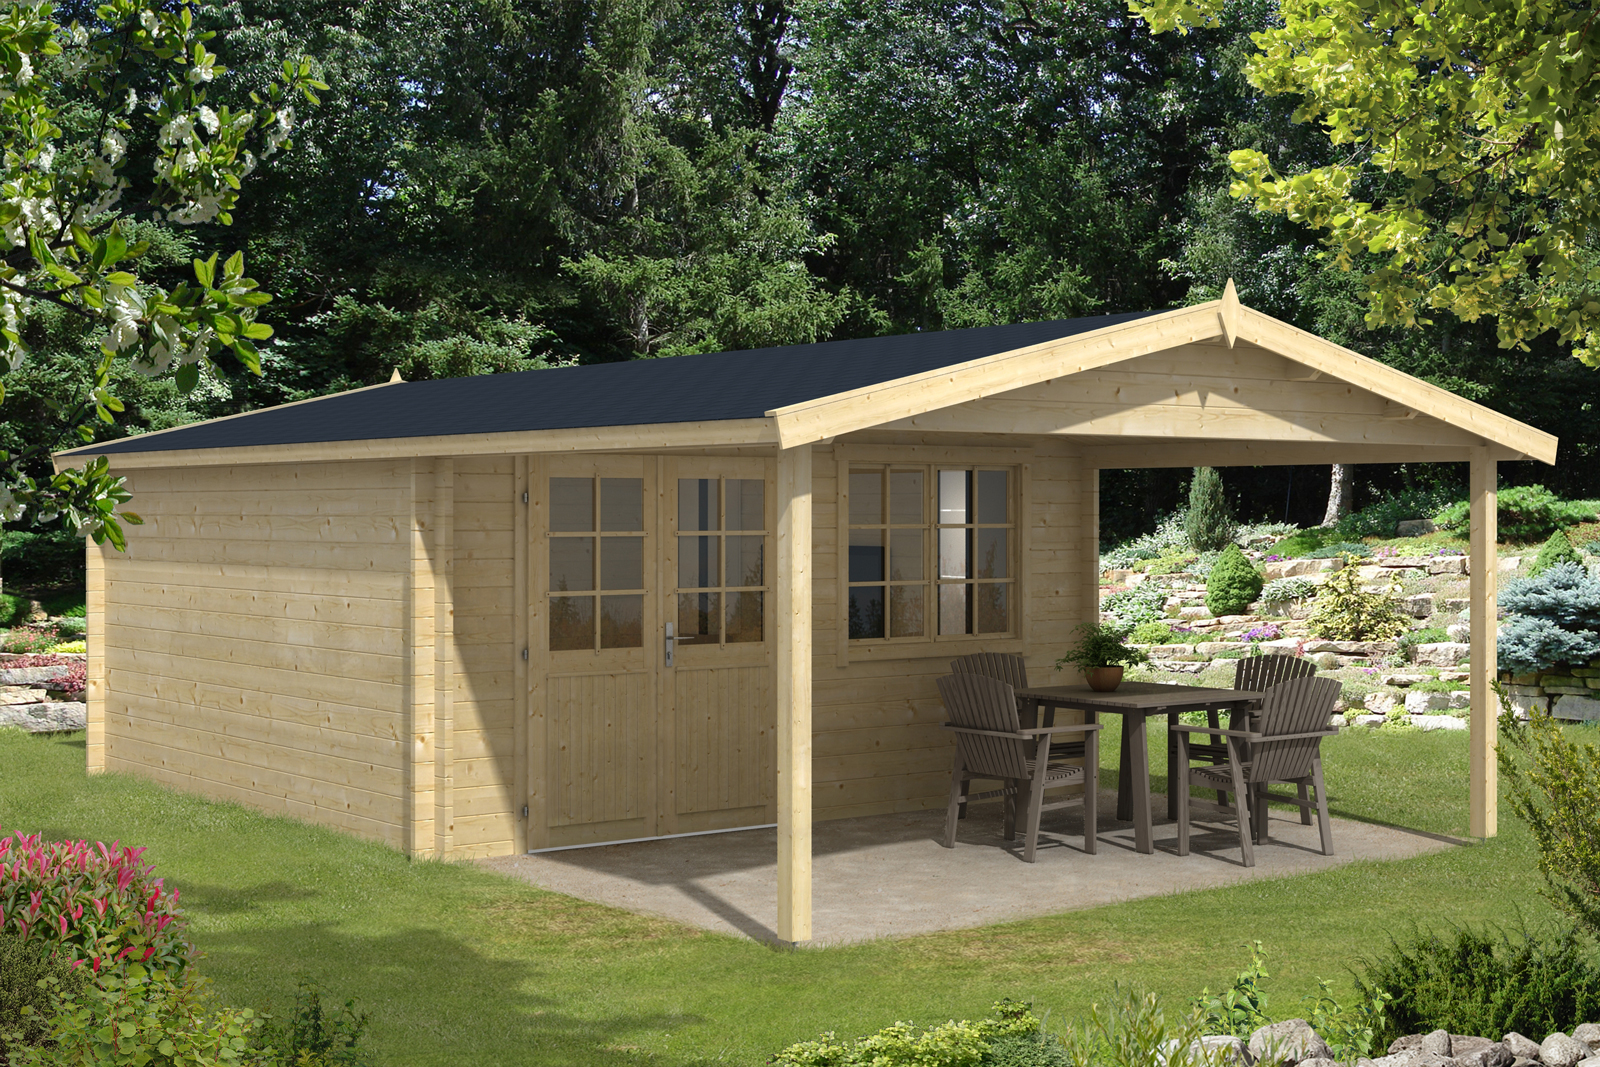 Gartenhaus jakob 44 iso gartenhaus jakob 44 iso - Gartenhaus mit 2 eingangen ...